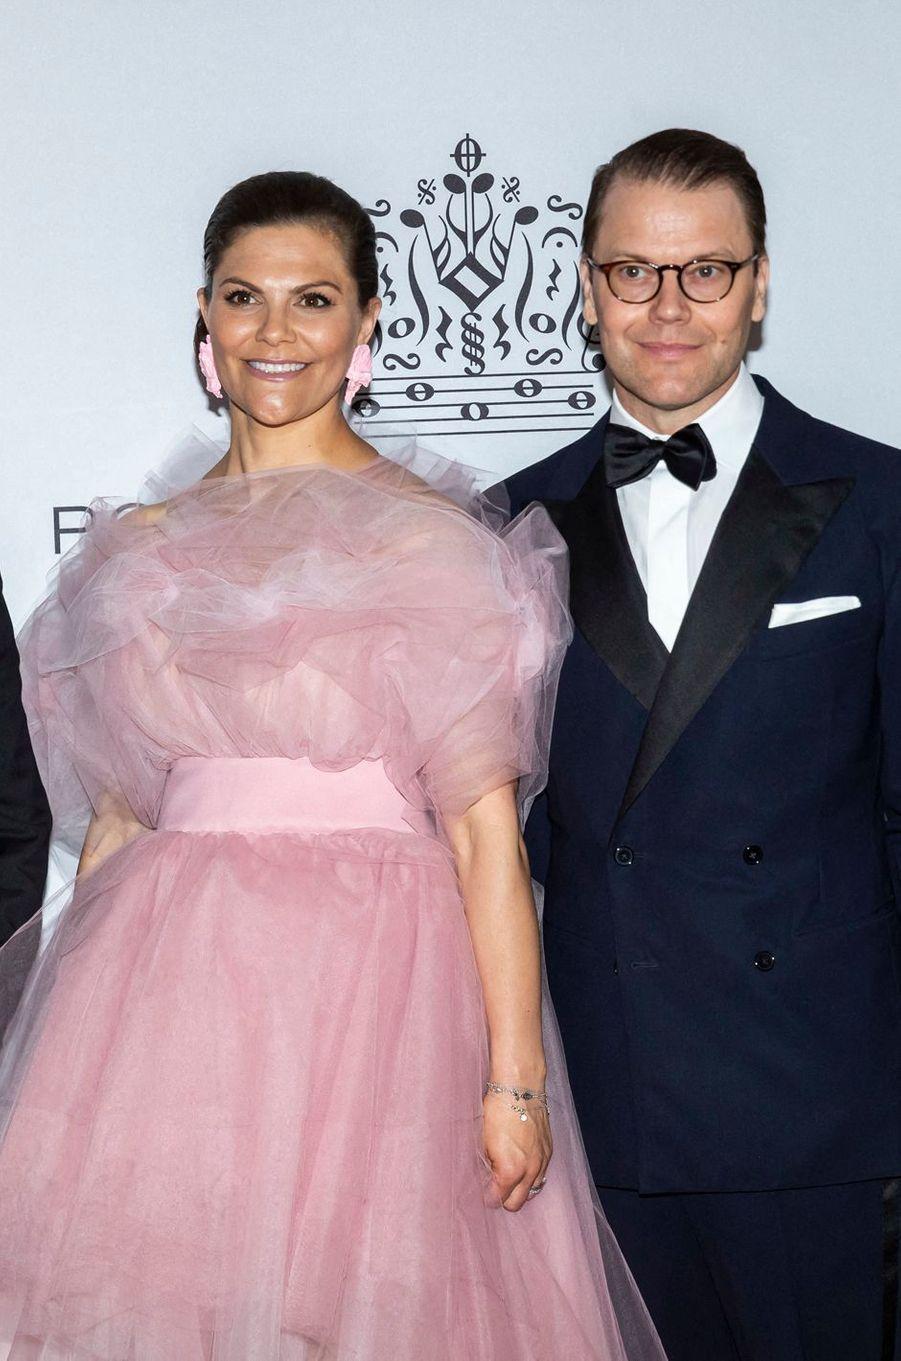 La princesse Victoria de Suède et le prince consort Daniel à Stockholm, le 11 juin 2019